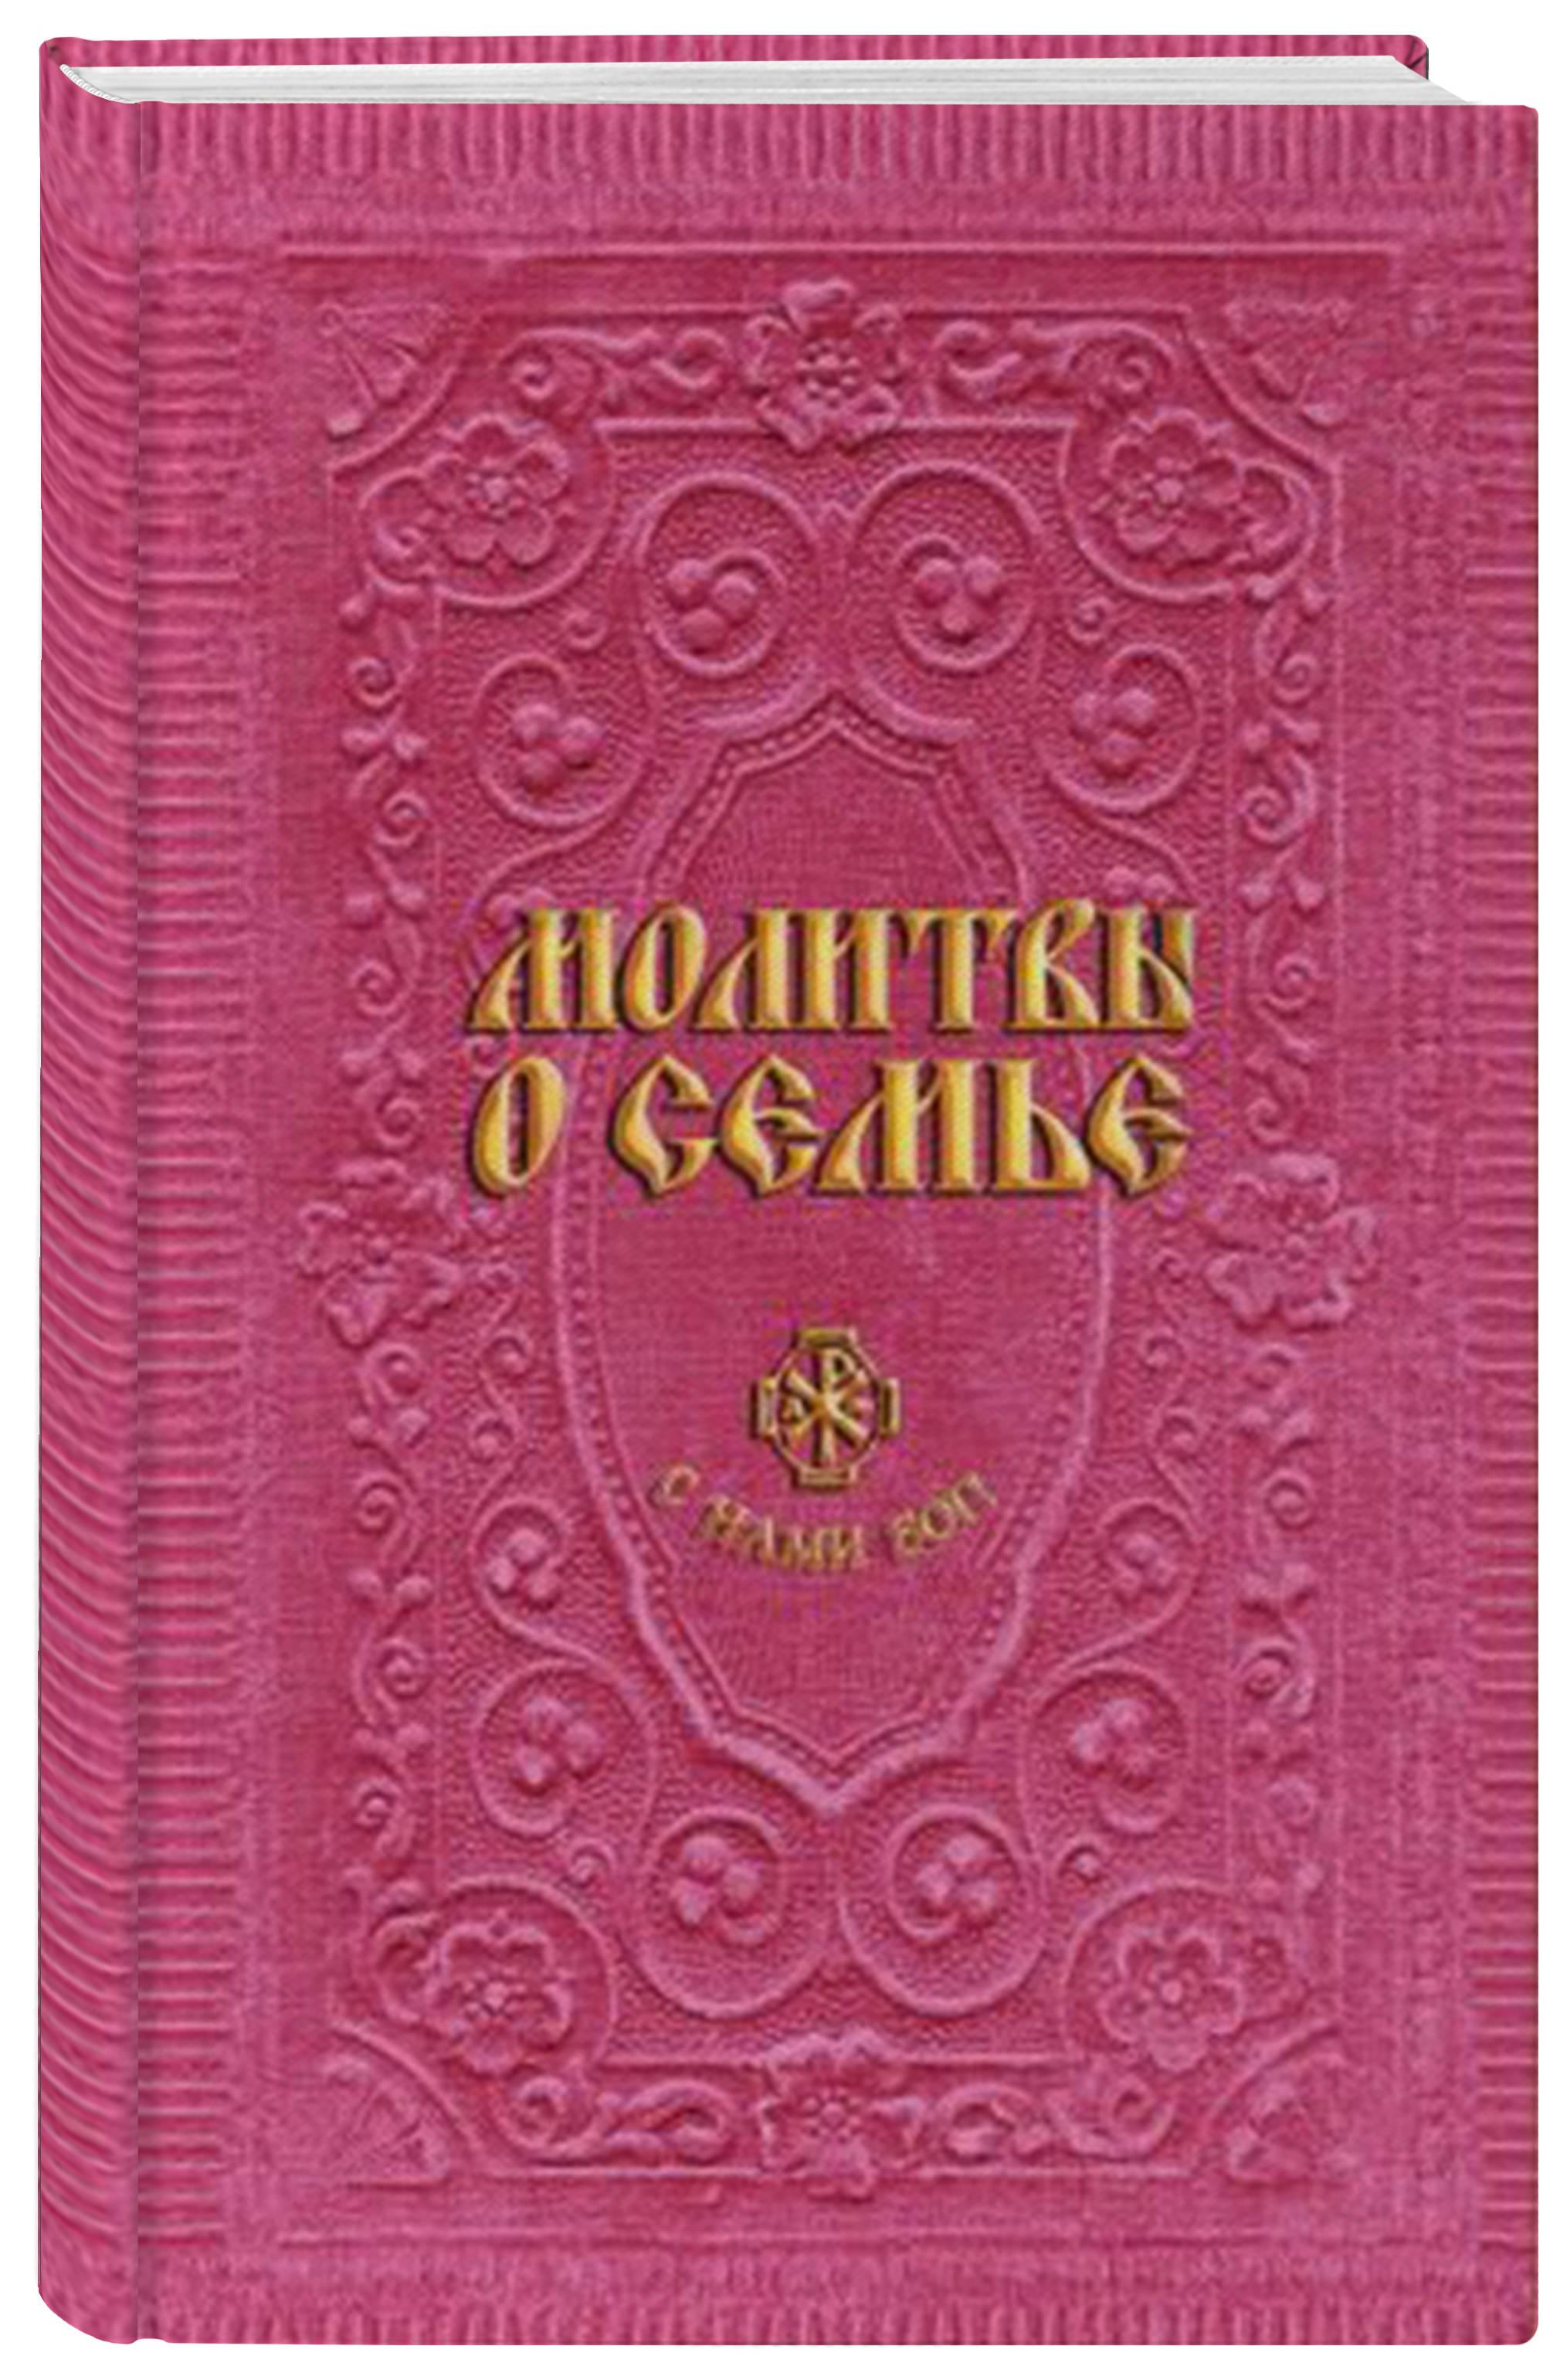 Молитвы о семье (сост. Гиппиус А.С.)